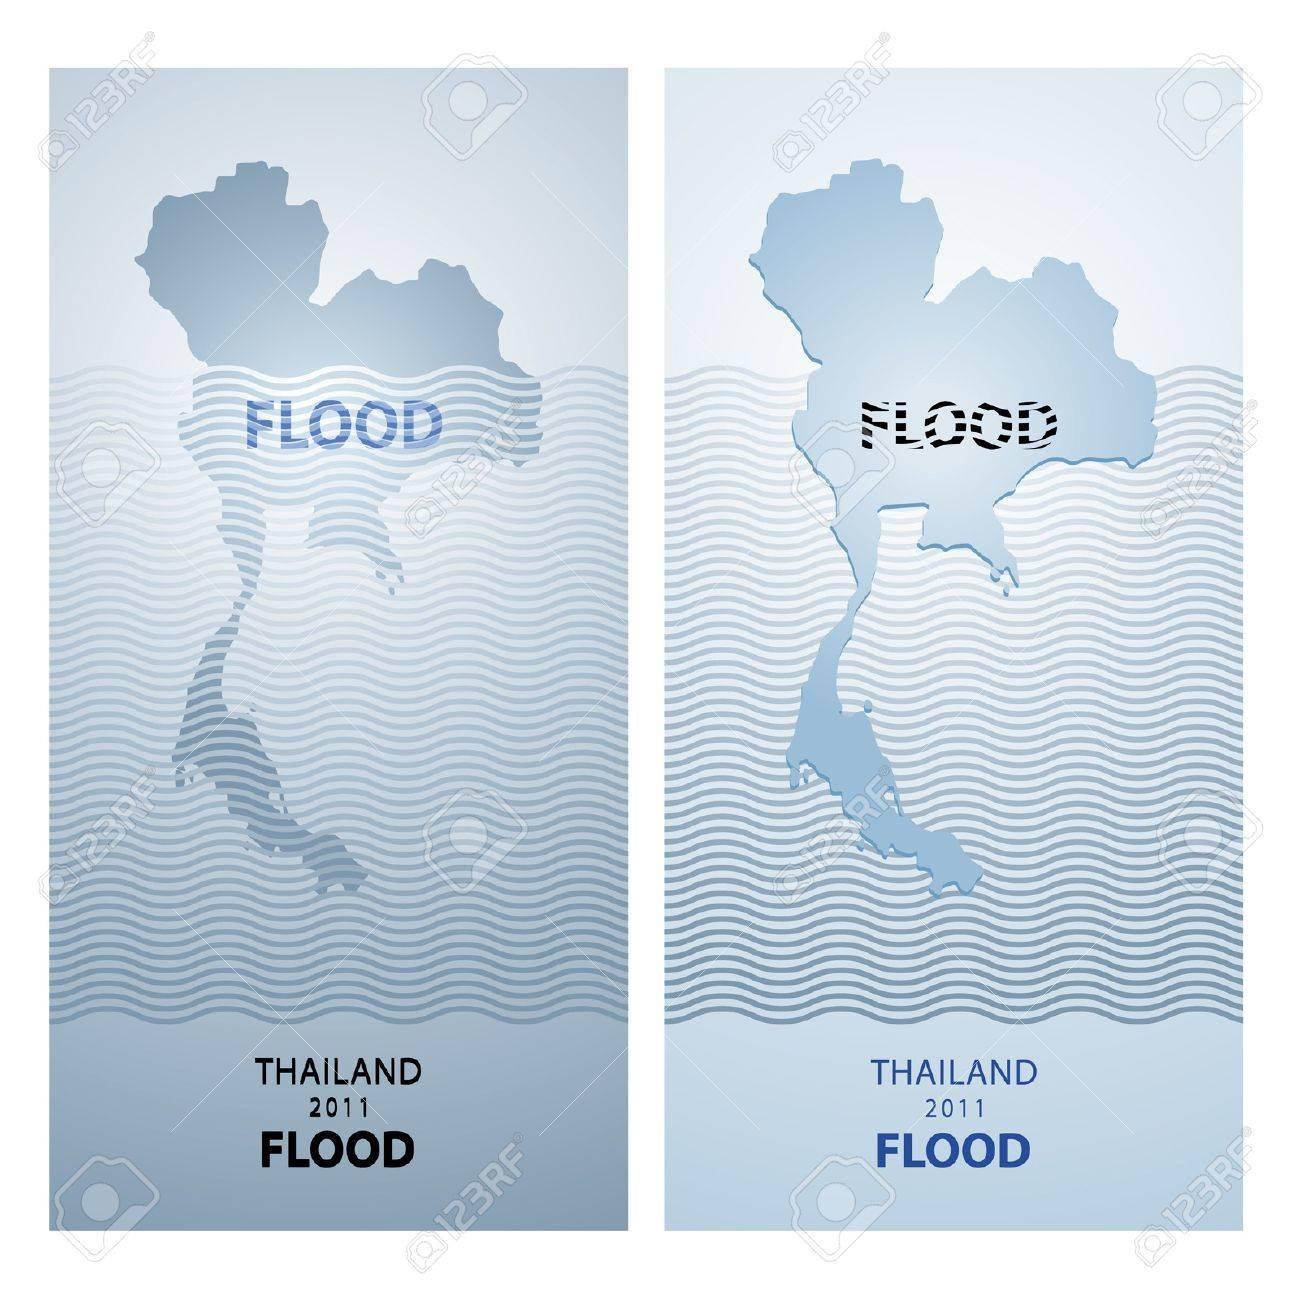 thailand flood 2011 design - 15528505